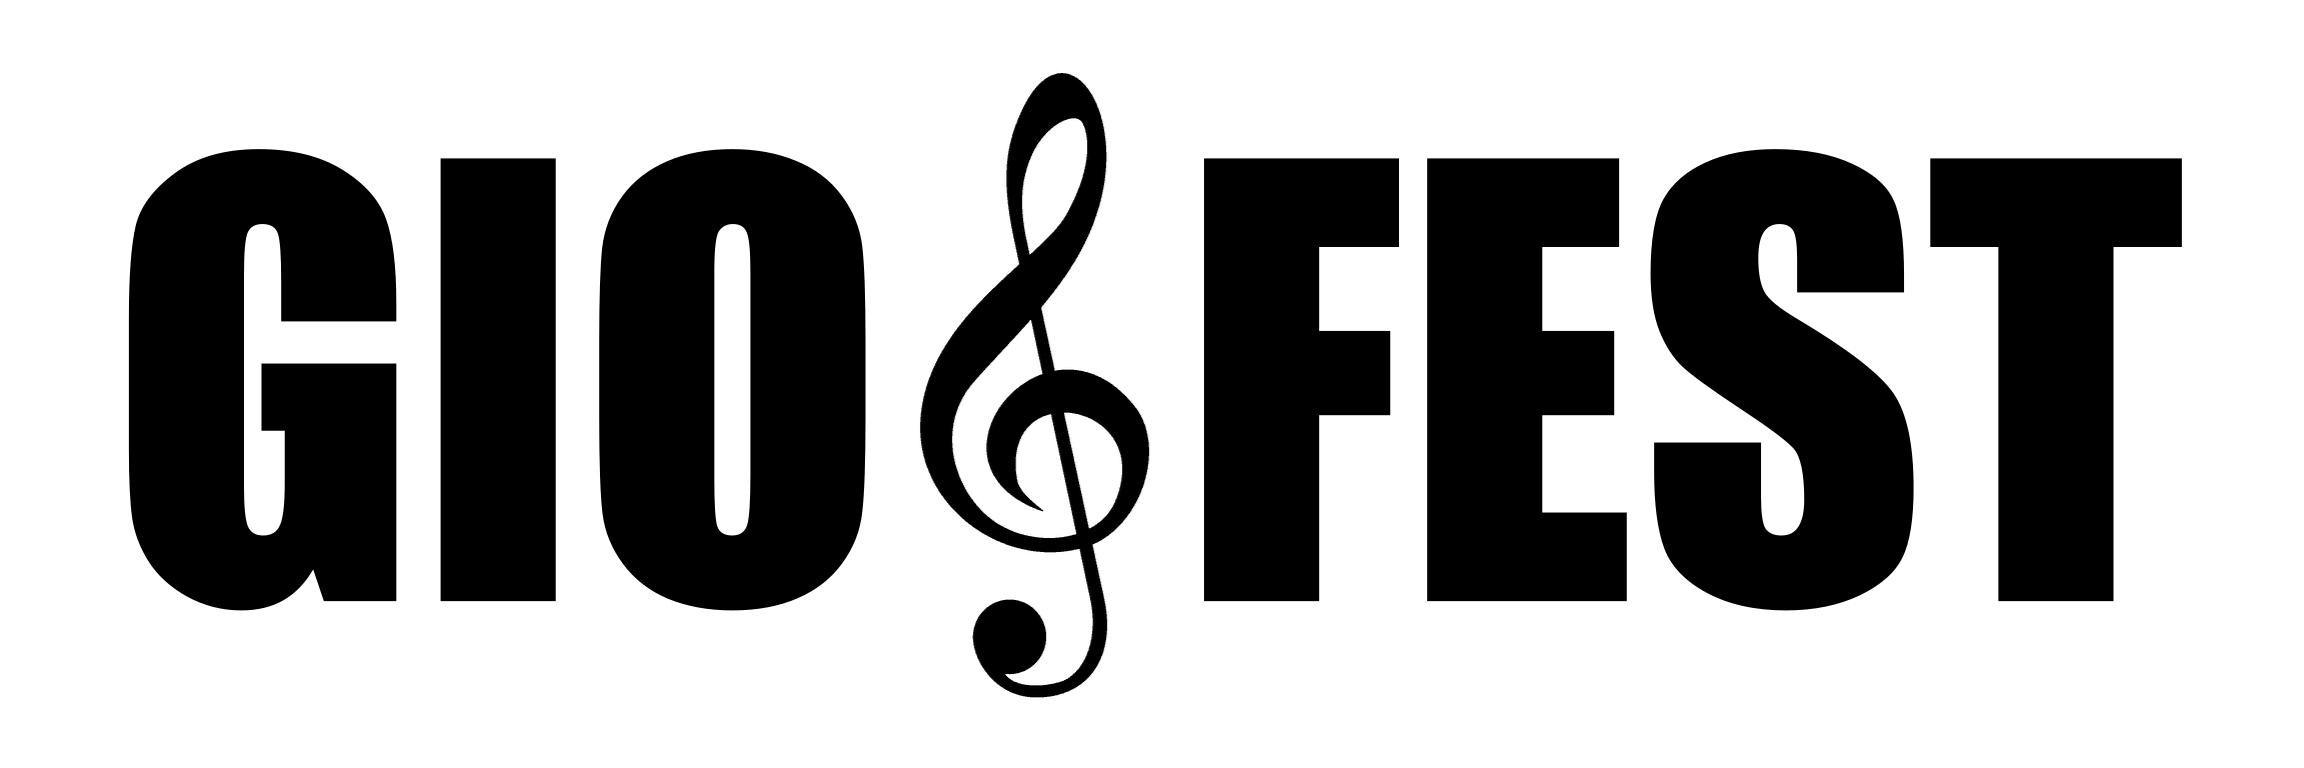 GIOFEST logo